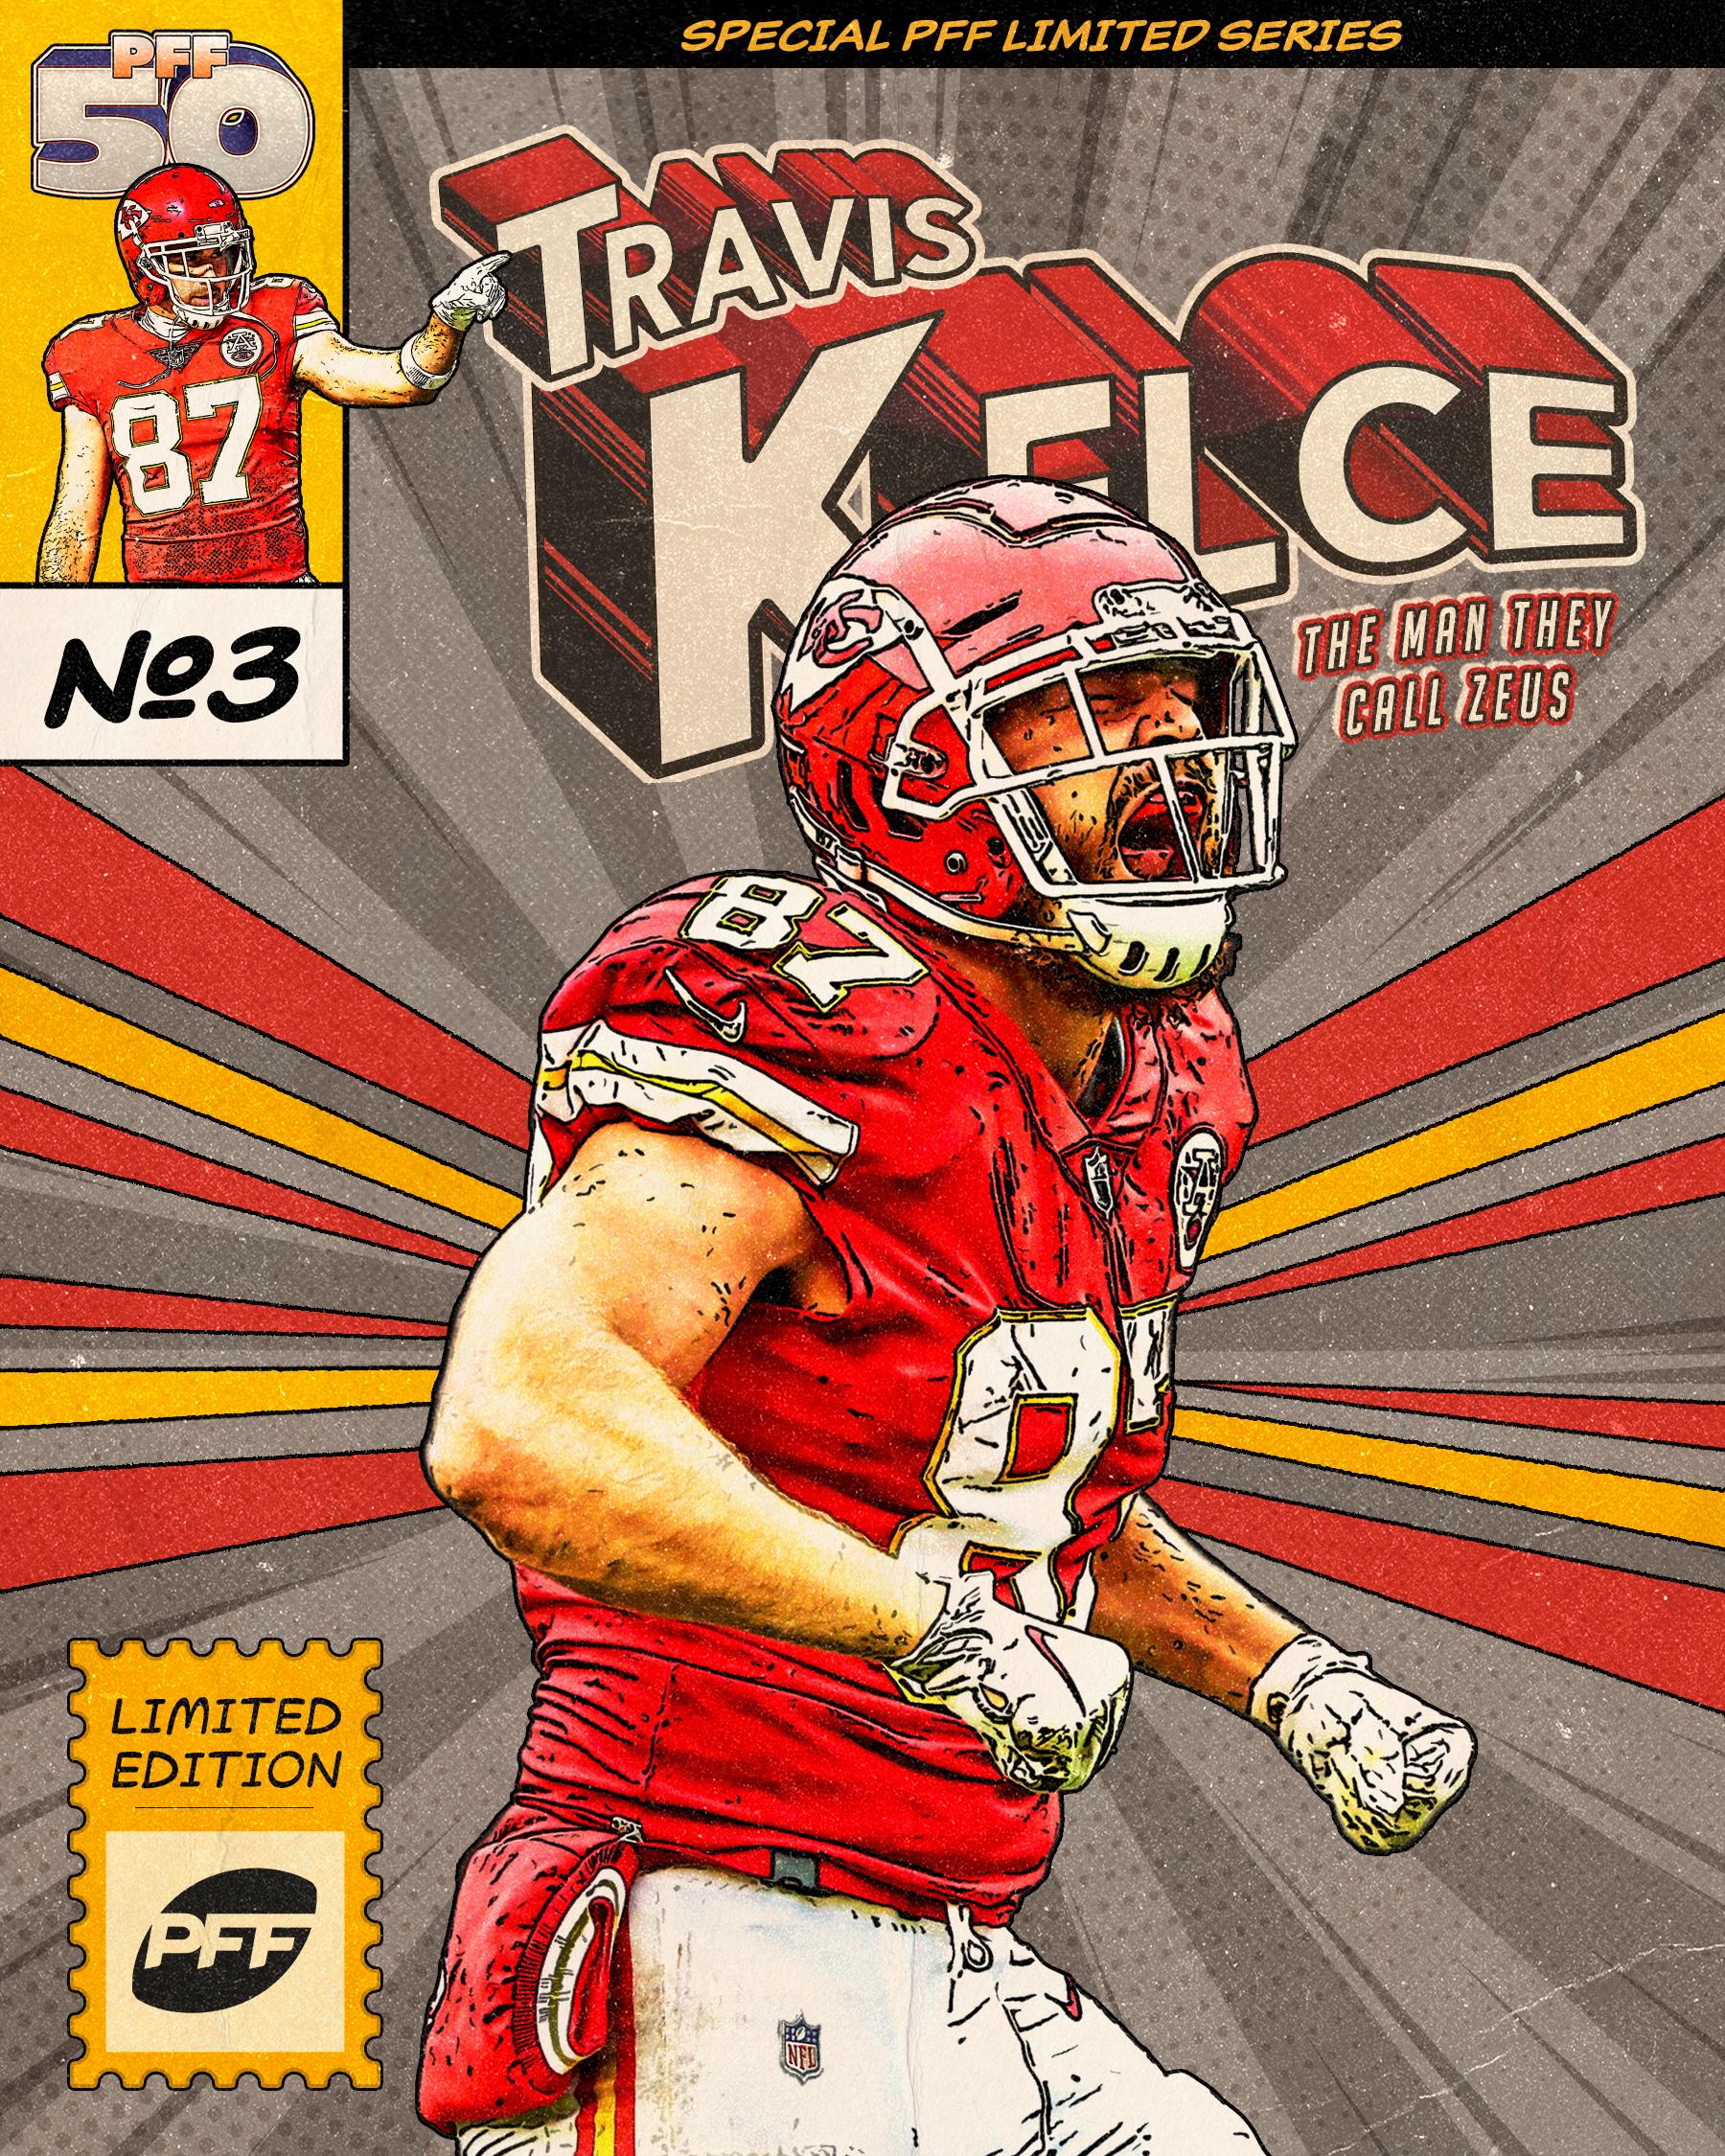 Kansas City Chiefs TE Travis Kelce